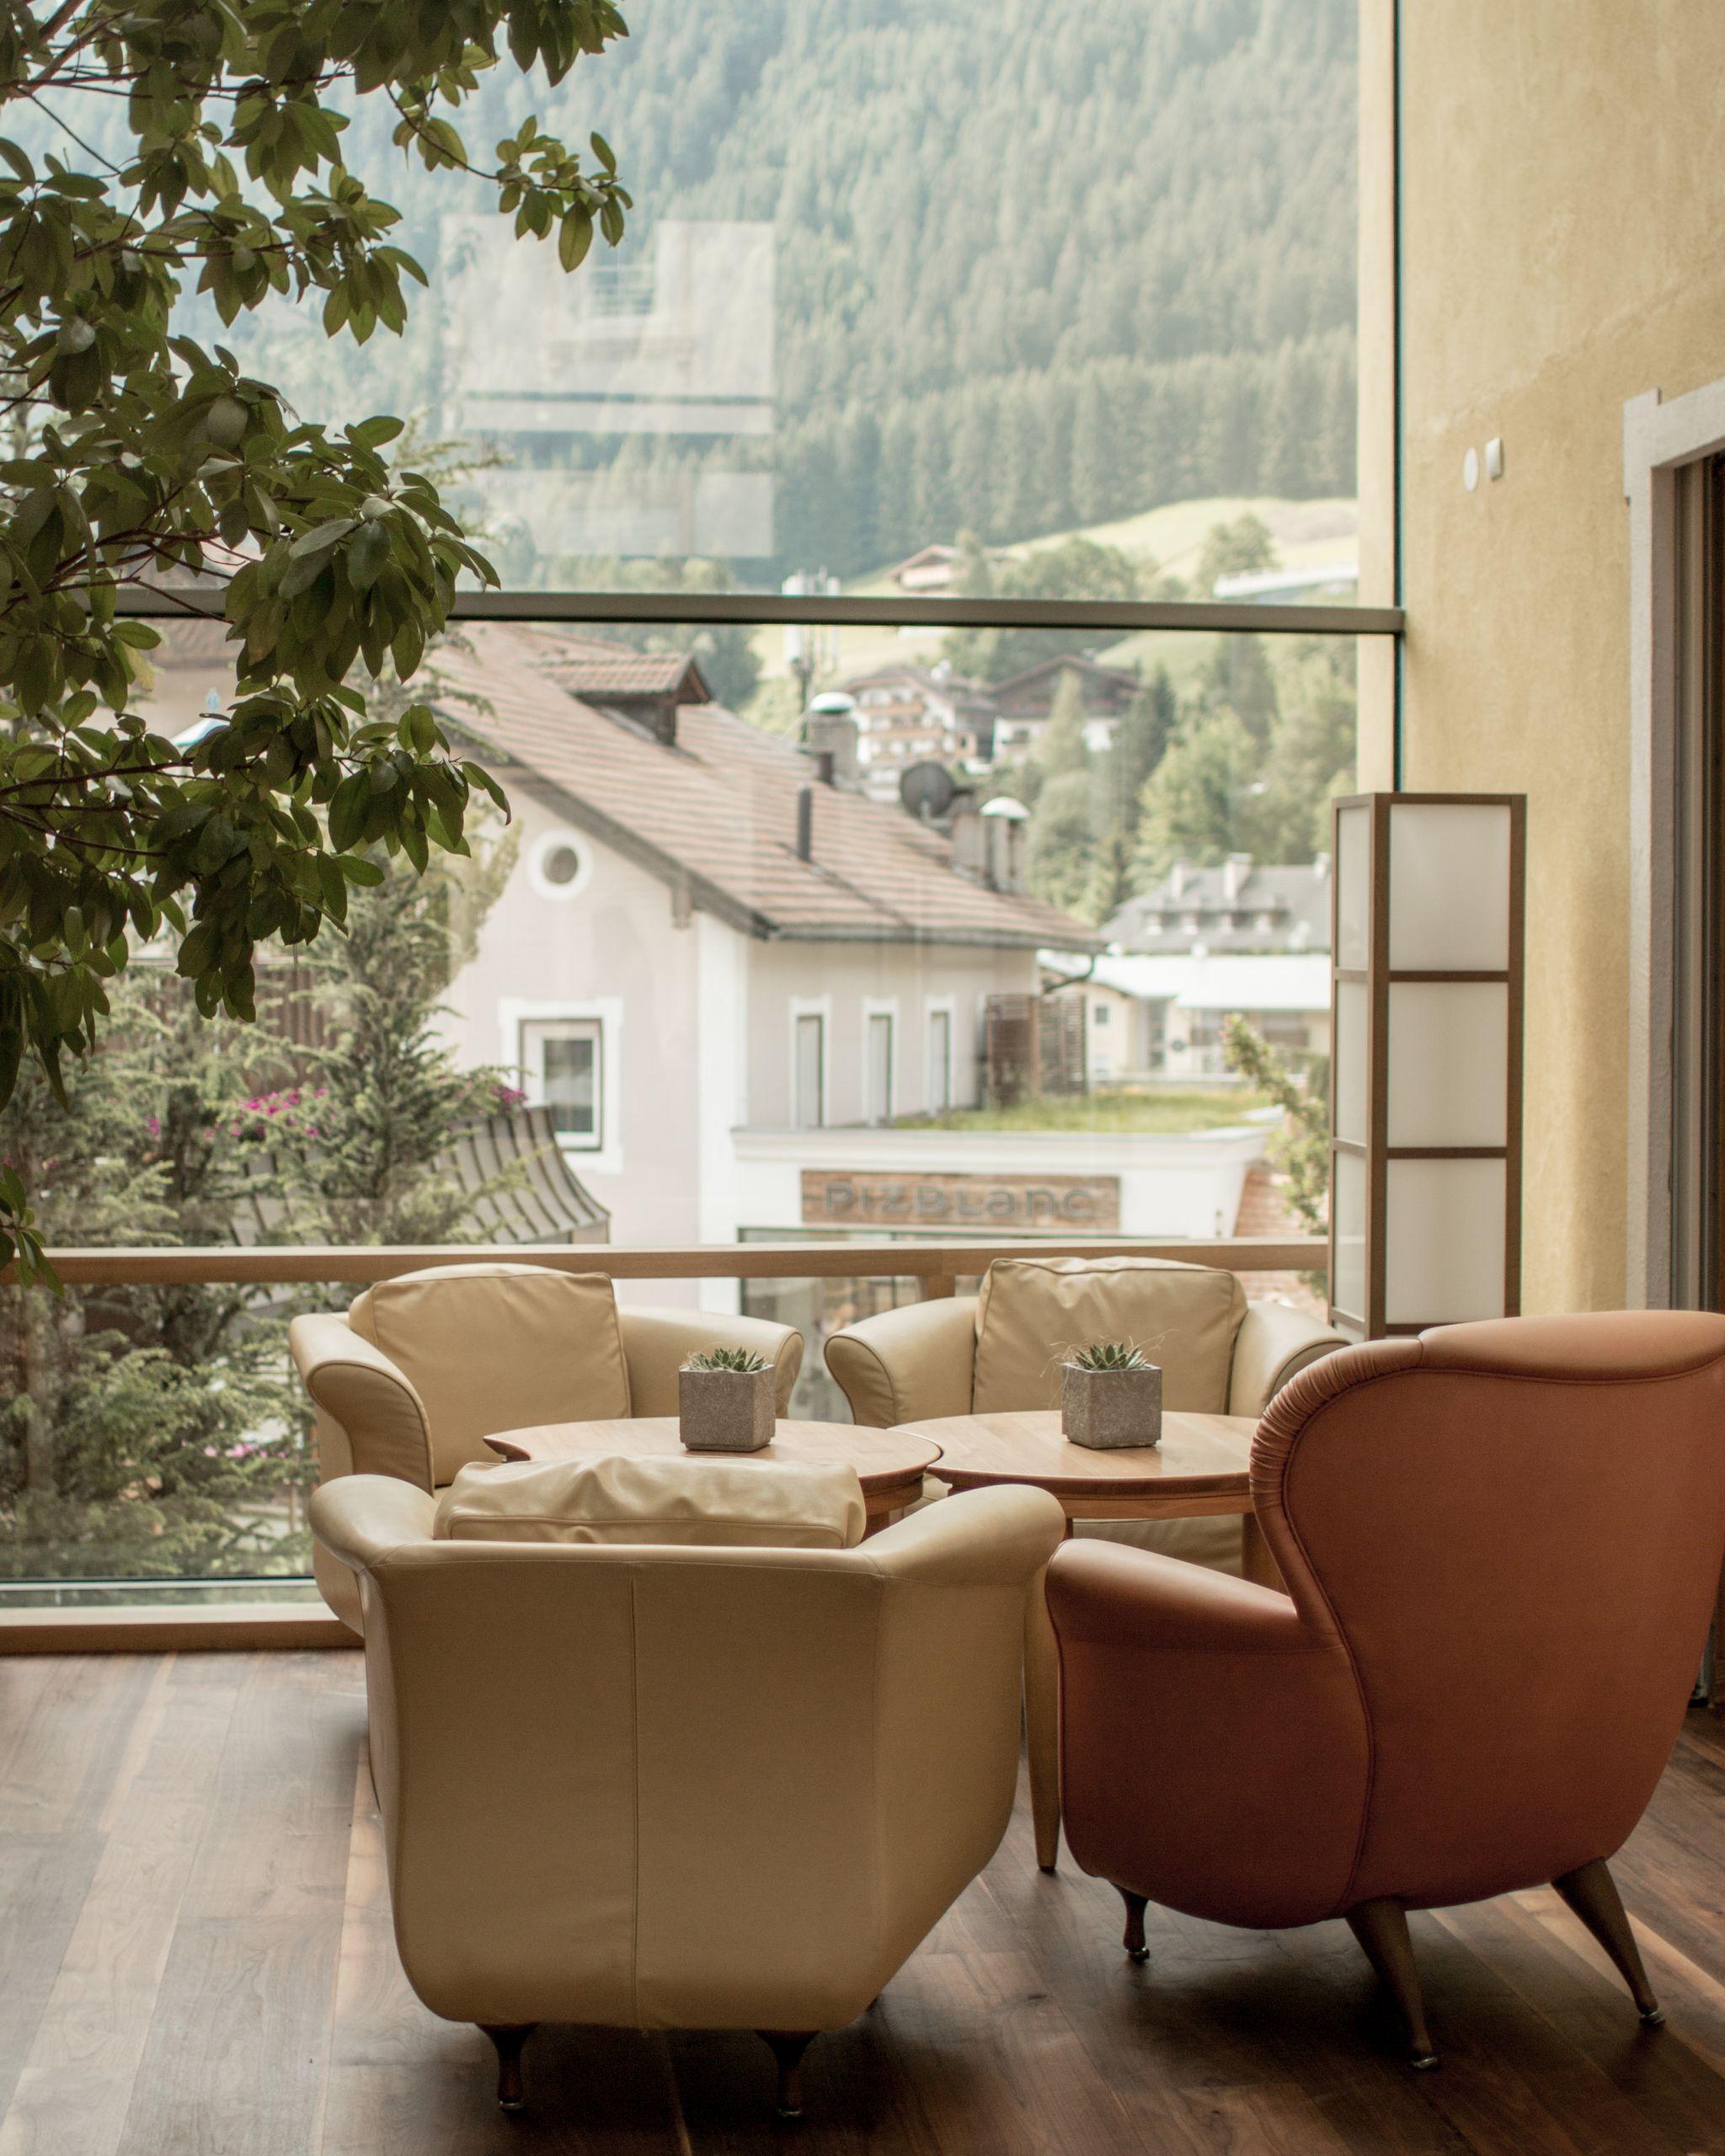 Adler Dolomites Ortisei Italy Hotel Review Foyer Interior